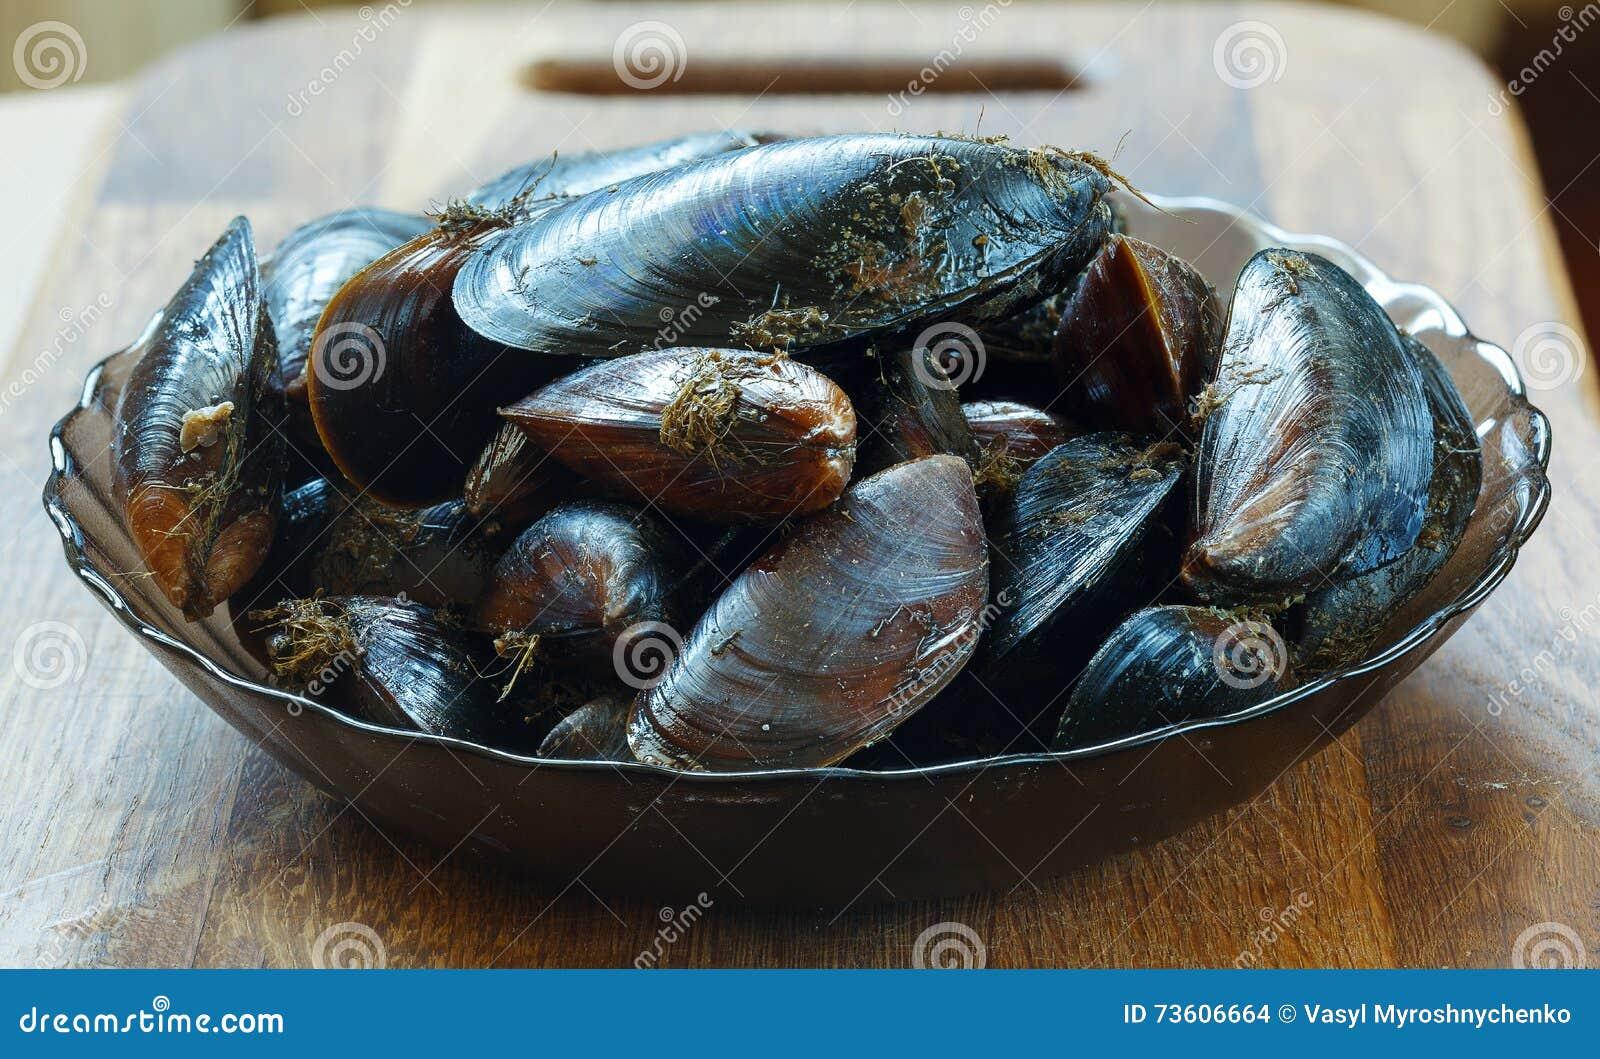 Cozze crude di mar nero pronte da cucinare fotografia for Cucinare qualcosa di fresco